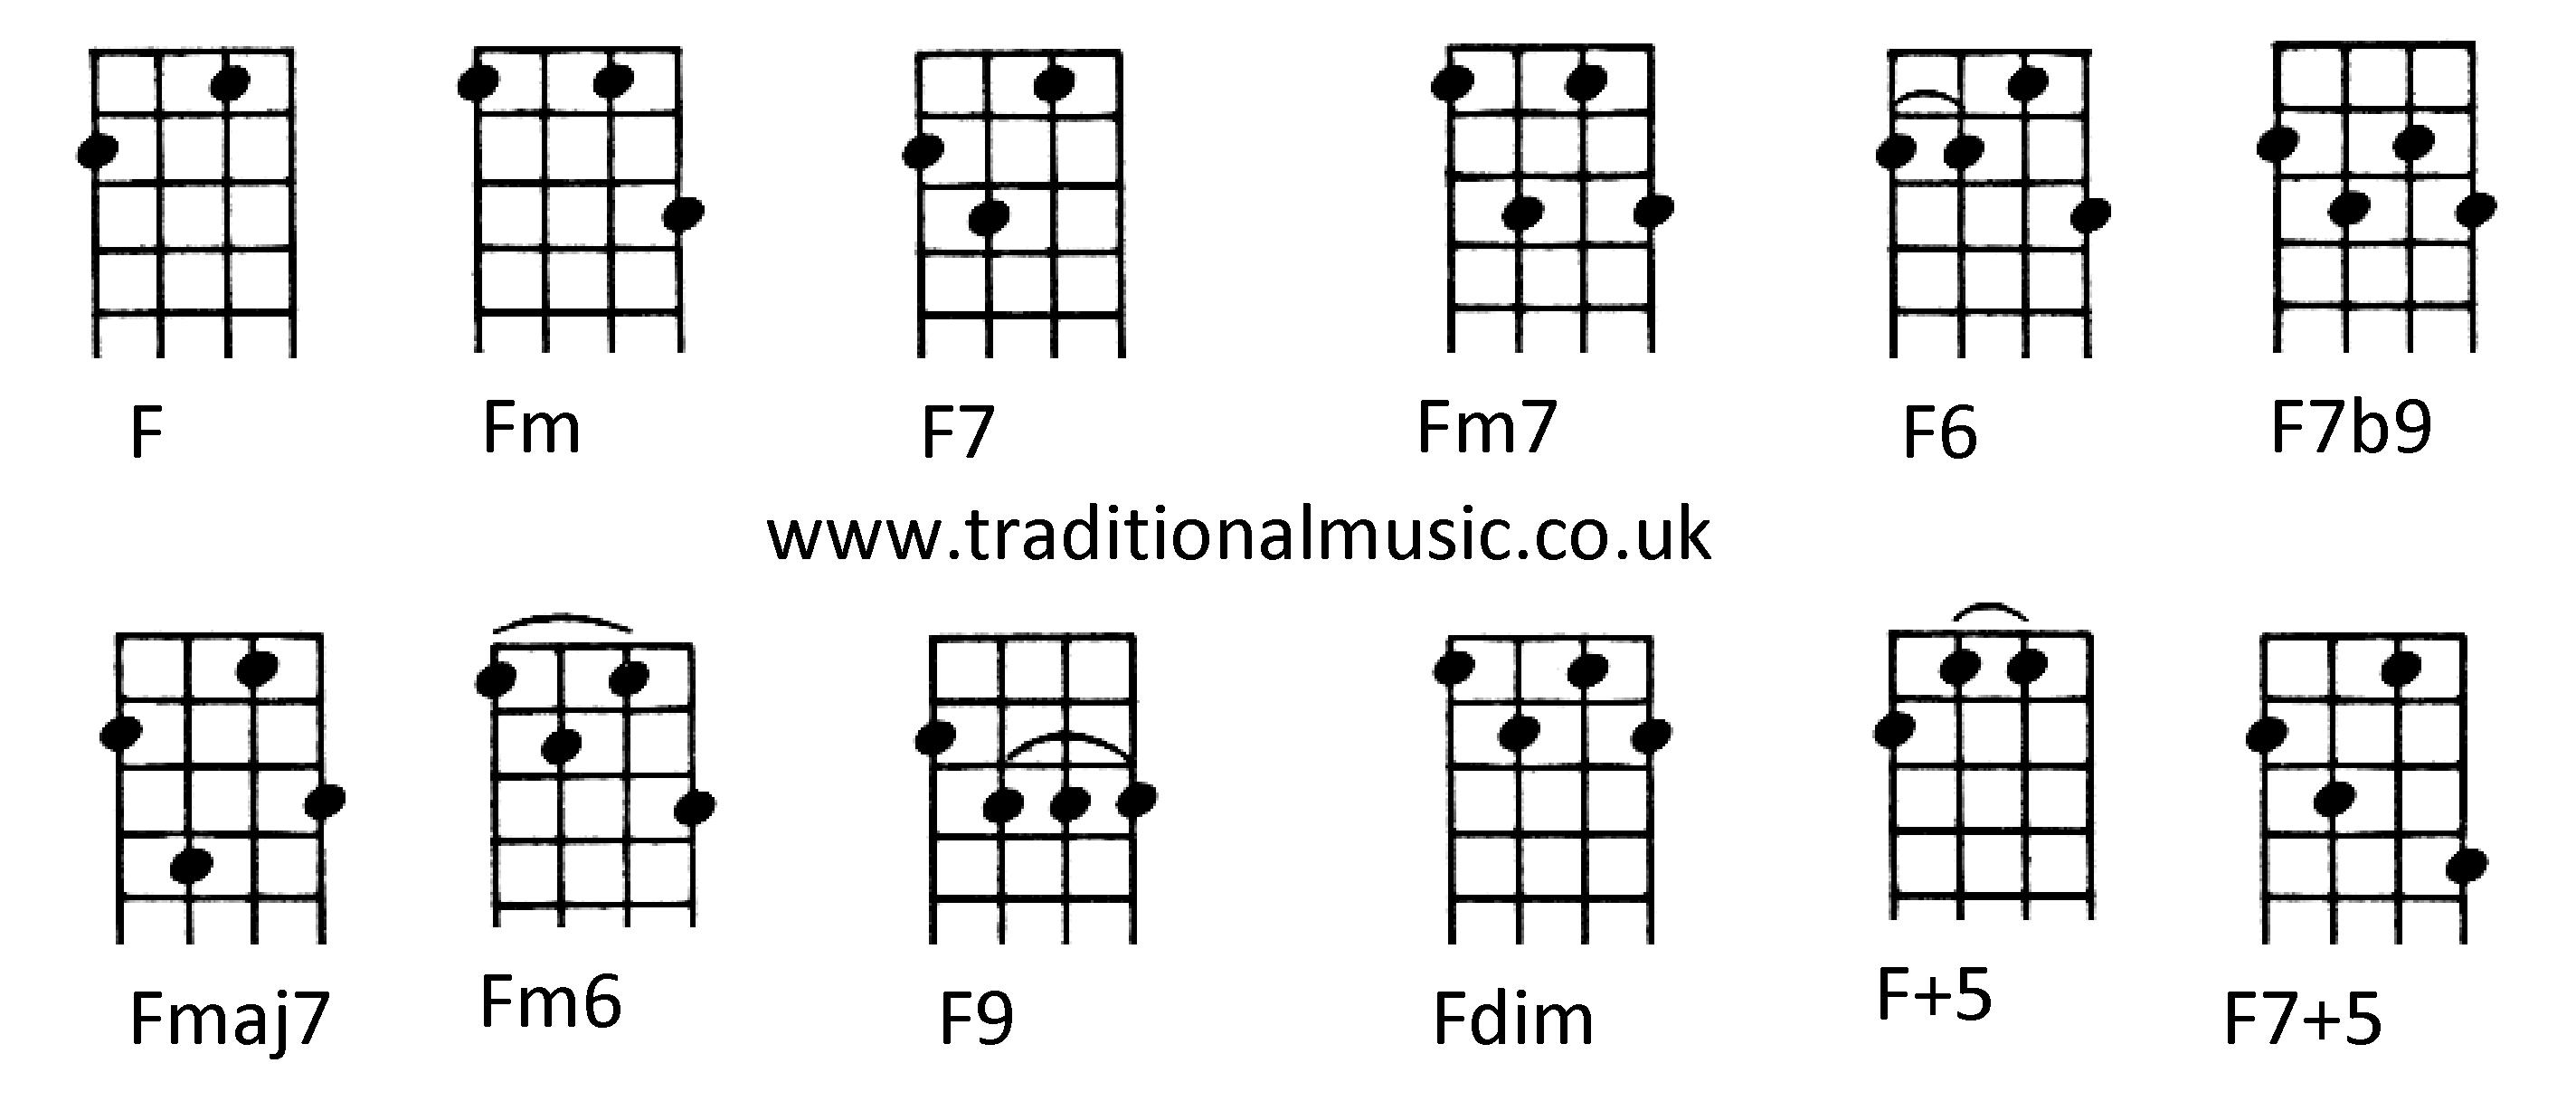 guitar chord f7m fmaj7 for uke google search uke chords